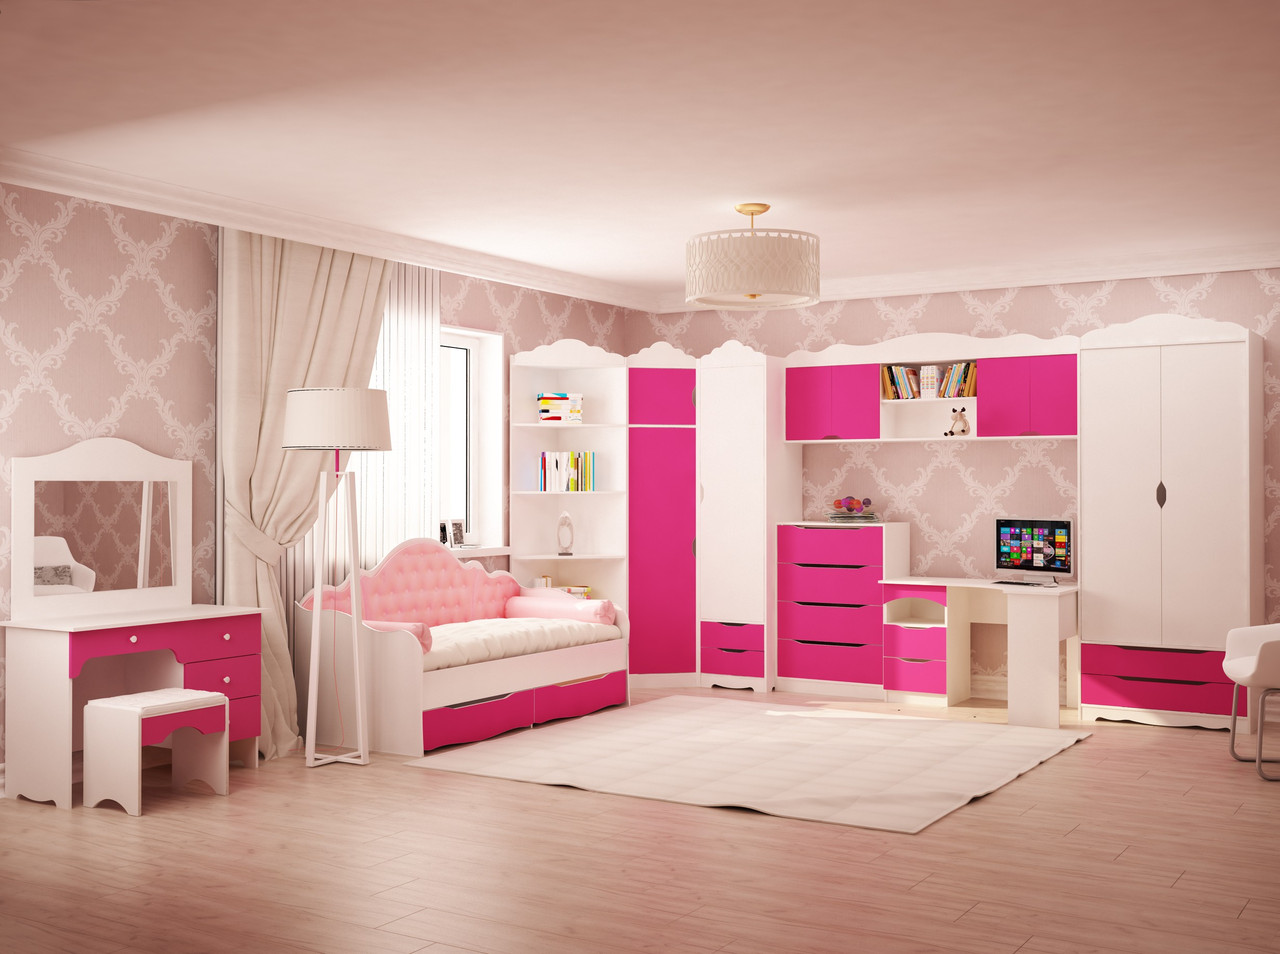 «Фиорензо» — фабрика мебели на заказ в Москве. Изготовление по индивидуальным размерам